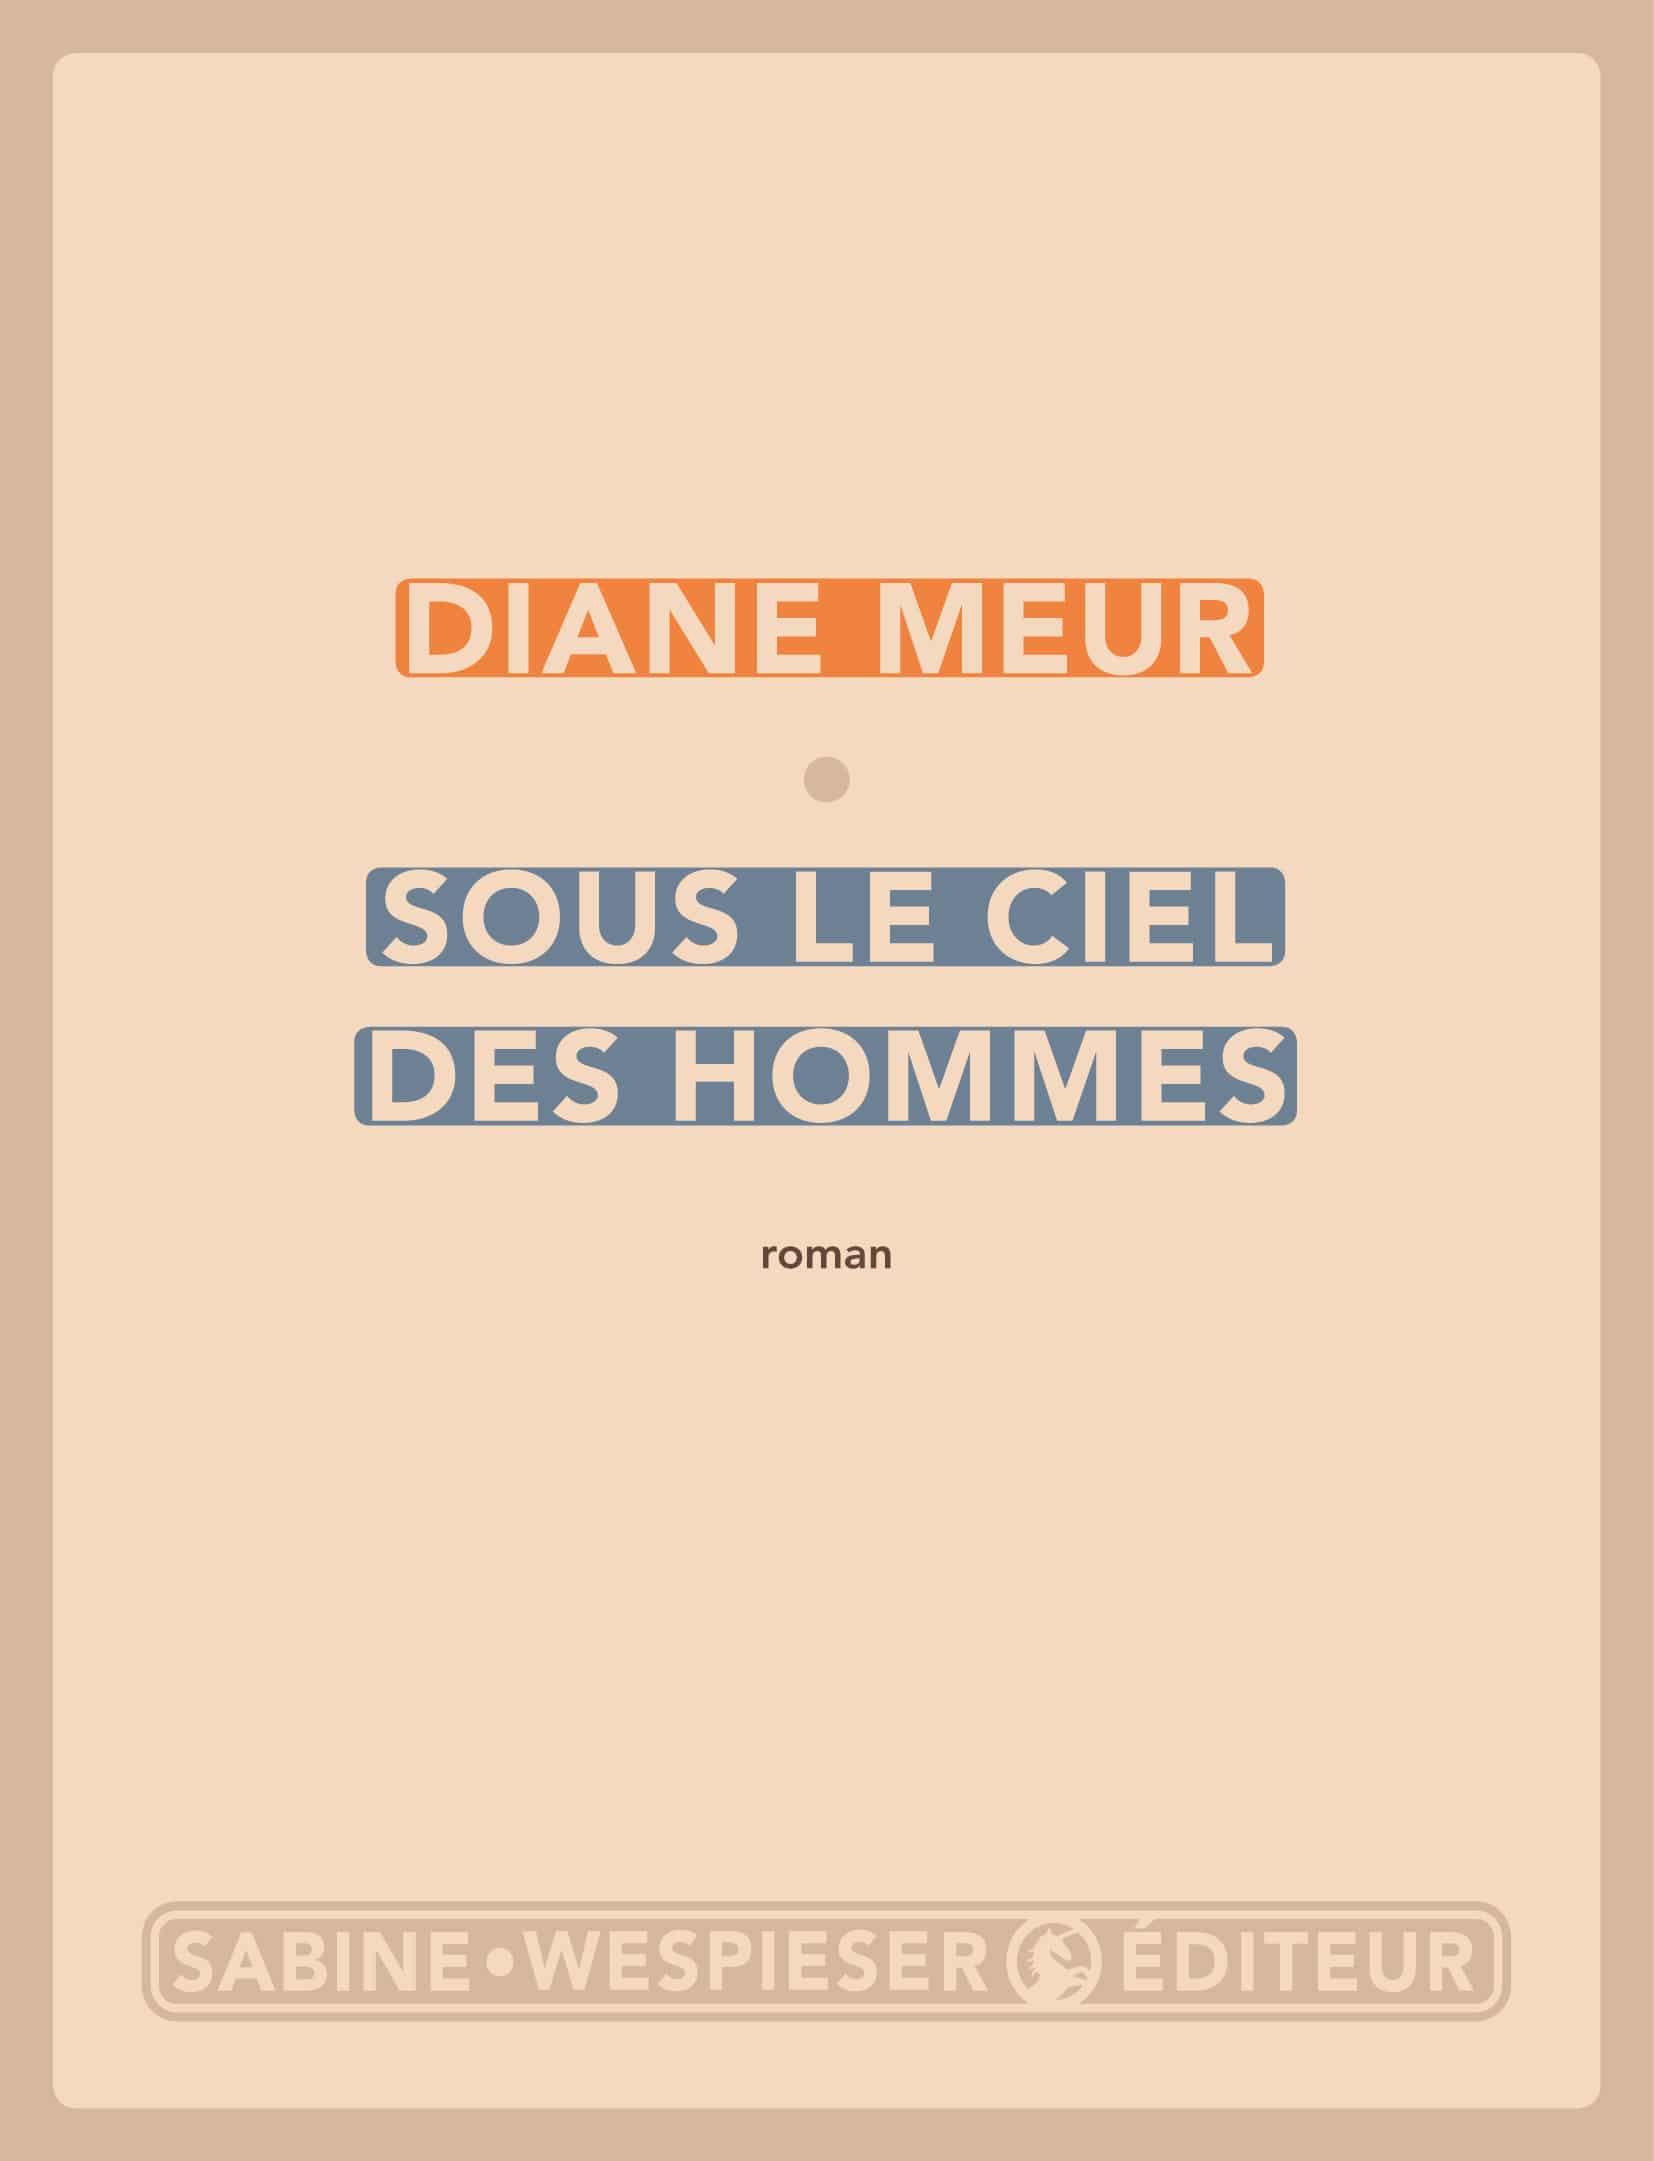 Sous le ciel des hommes, Meur, Diane